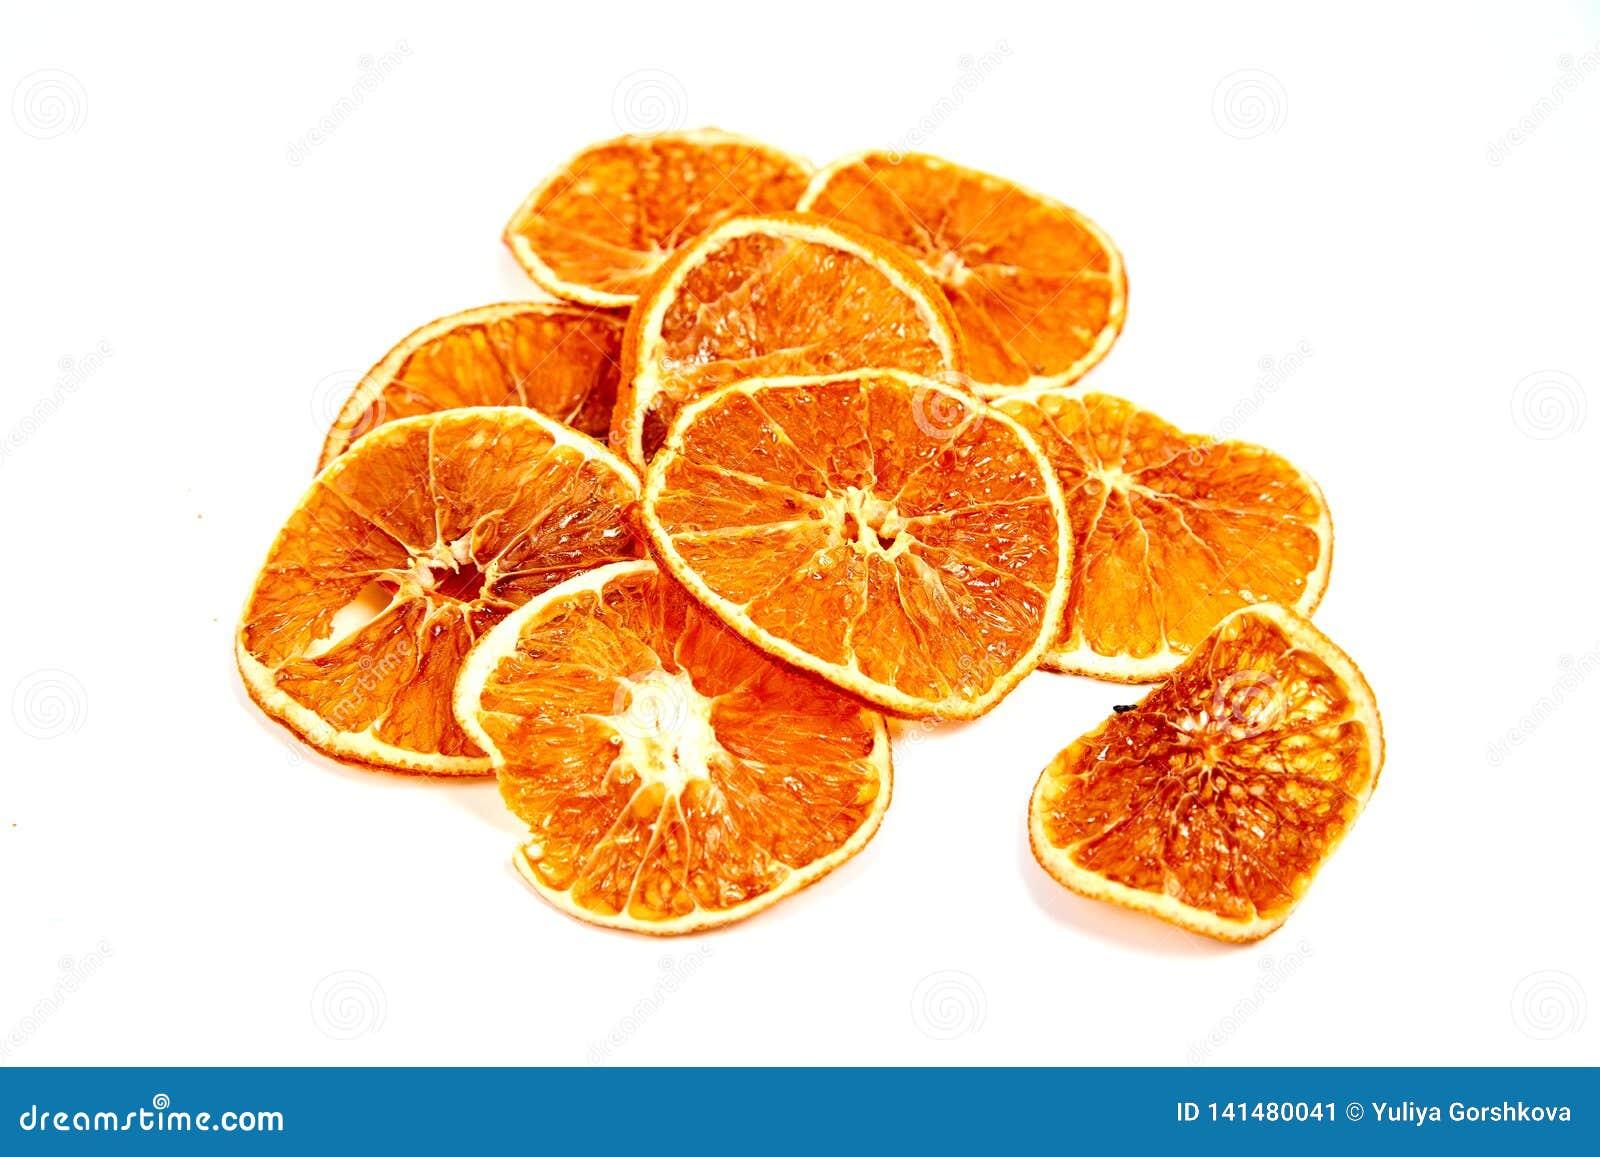 кольца высушенного tangerine на белой предпосылке